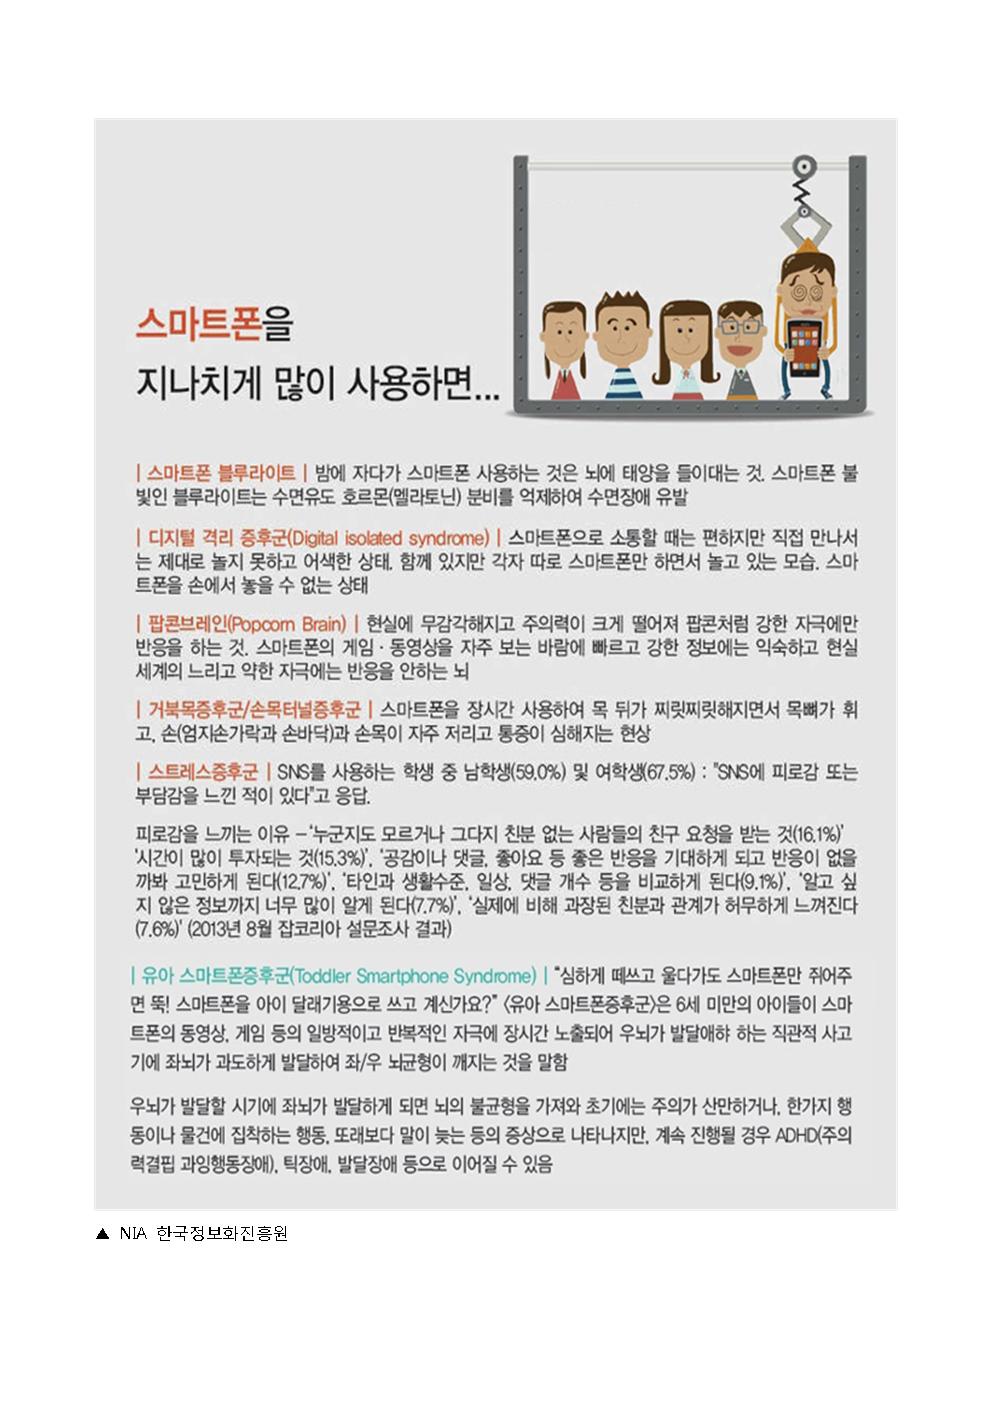 스마트폰 중독004.png